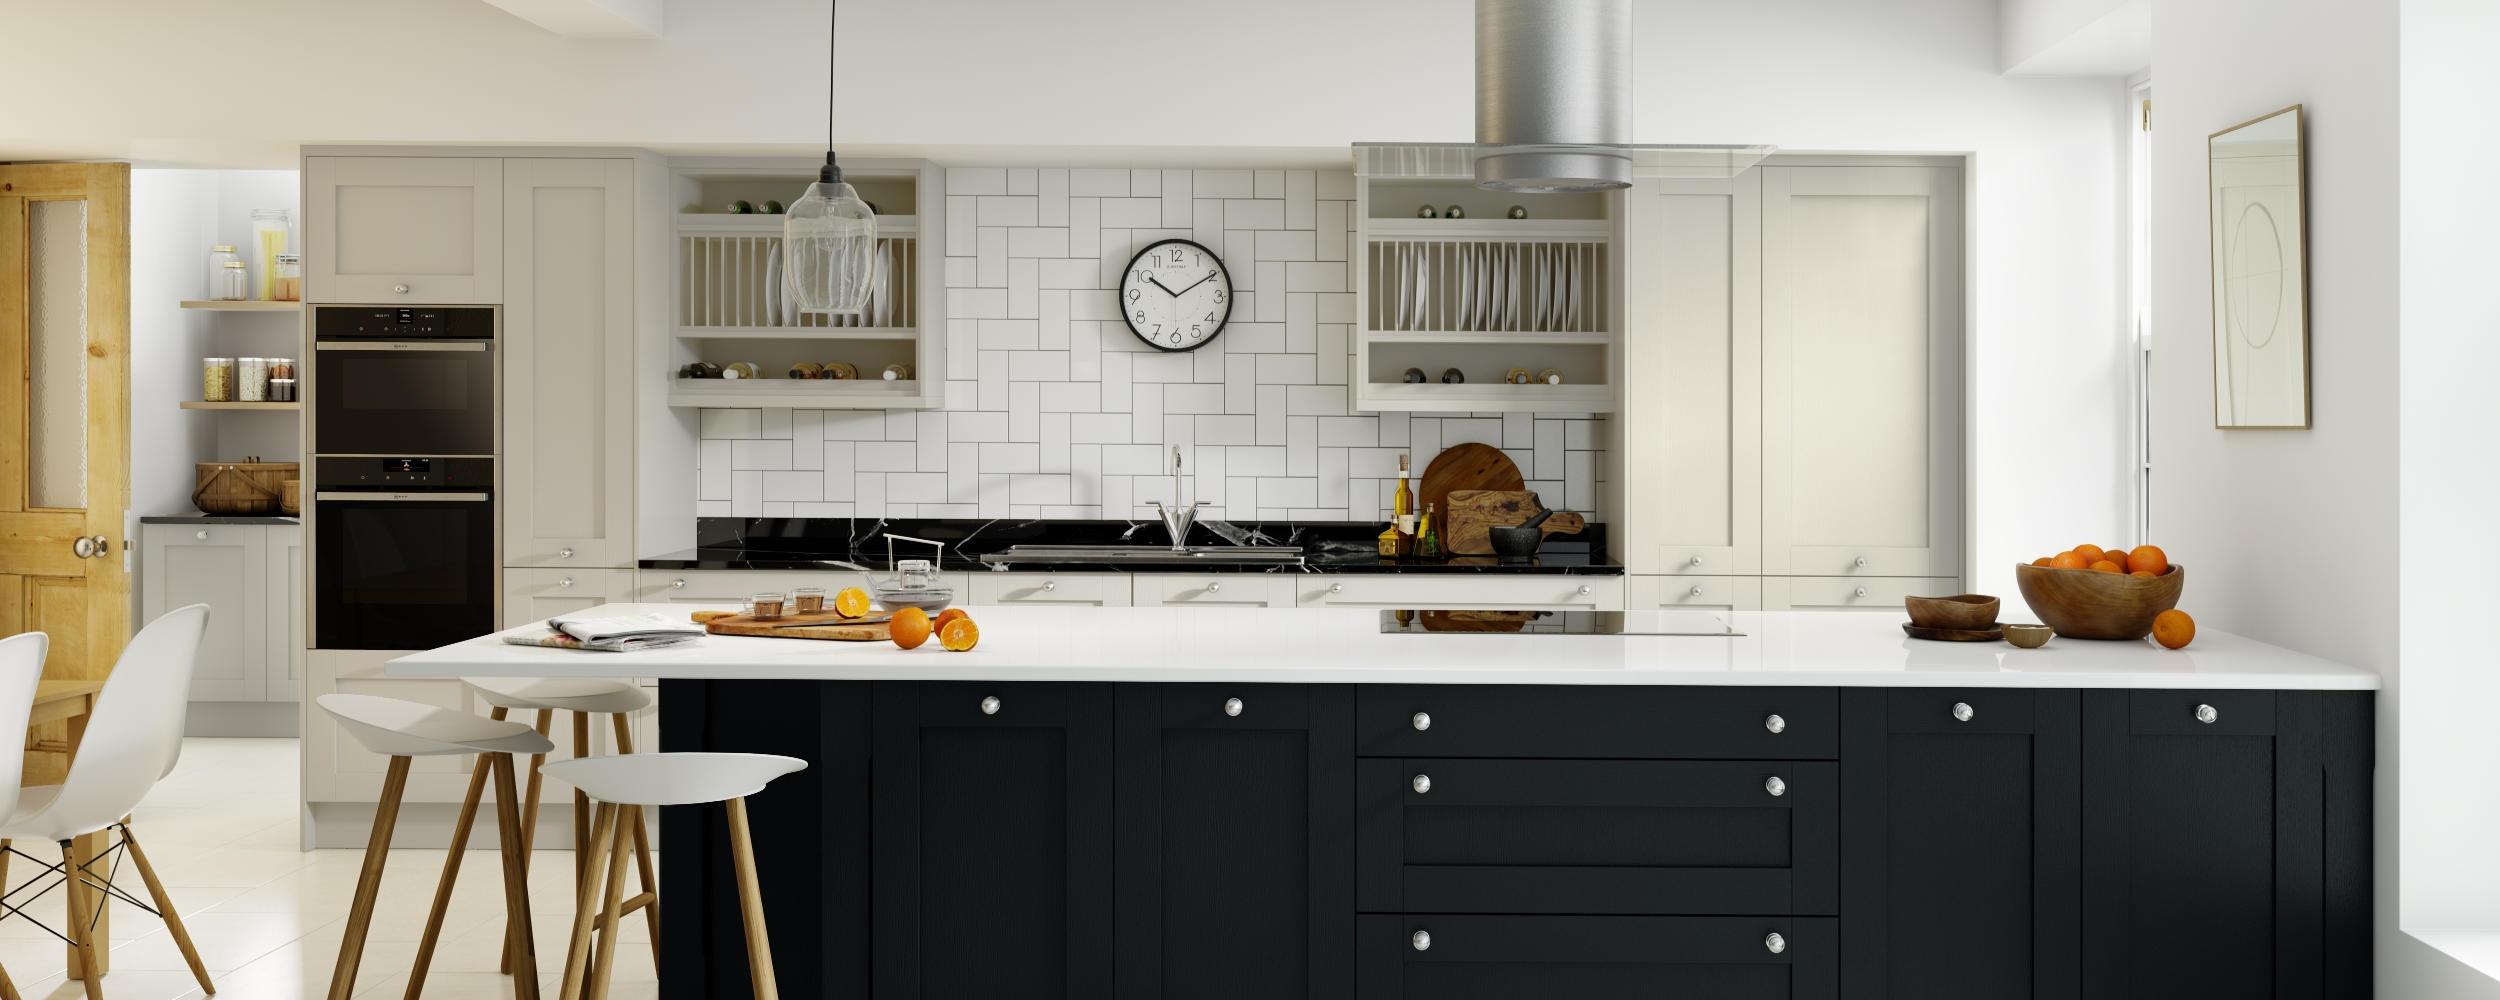 shaker-kitchen-edinburgh